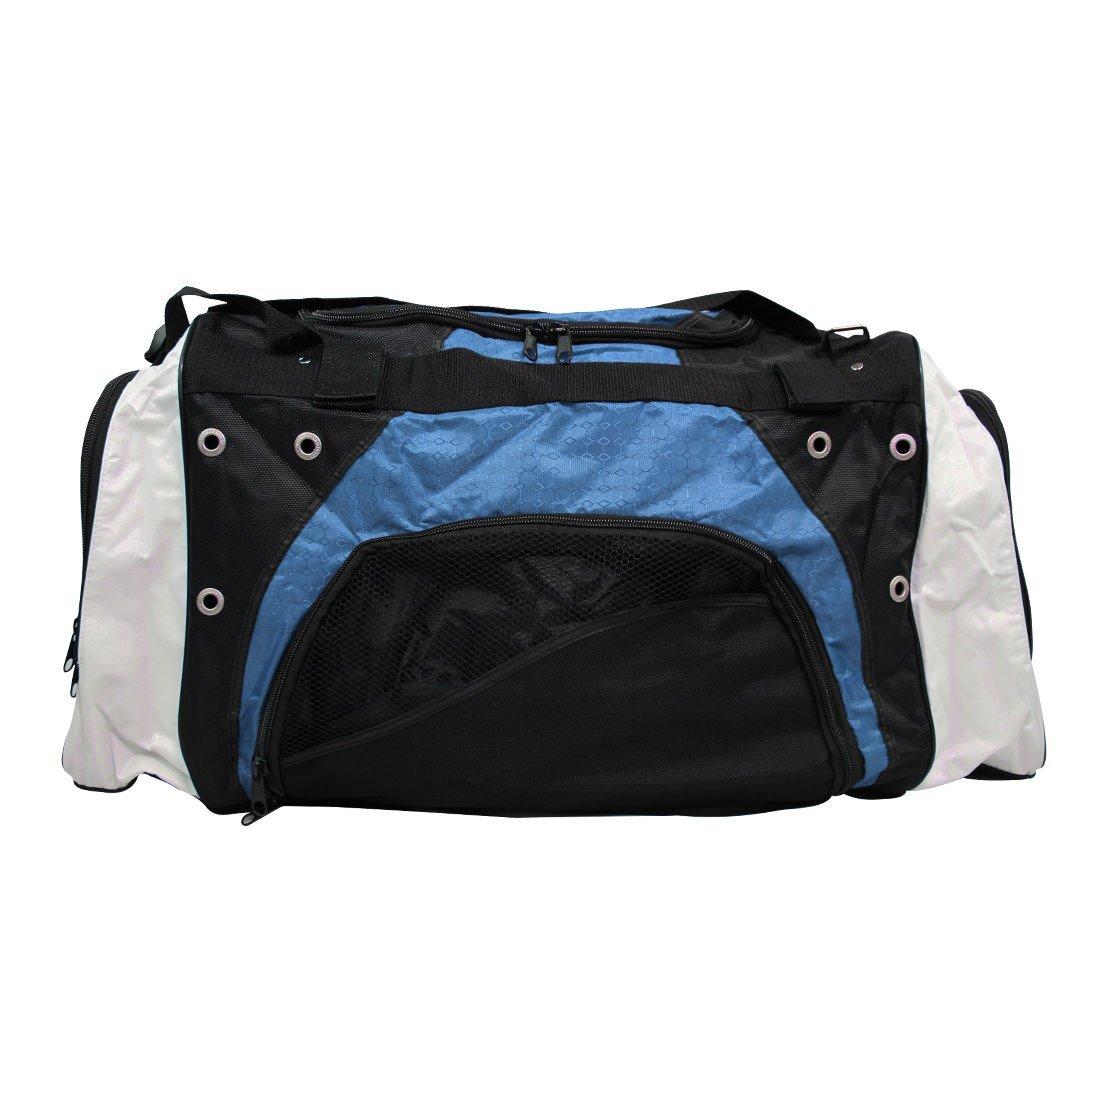 Lacrosse Unlimited Recon Duffle Bag - Light Blue